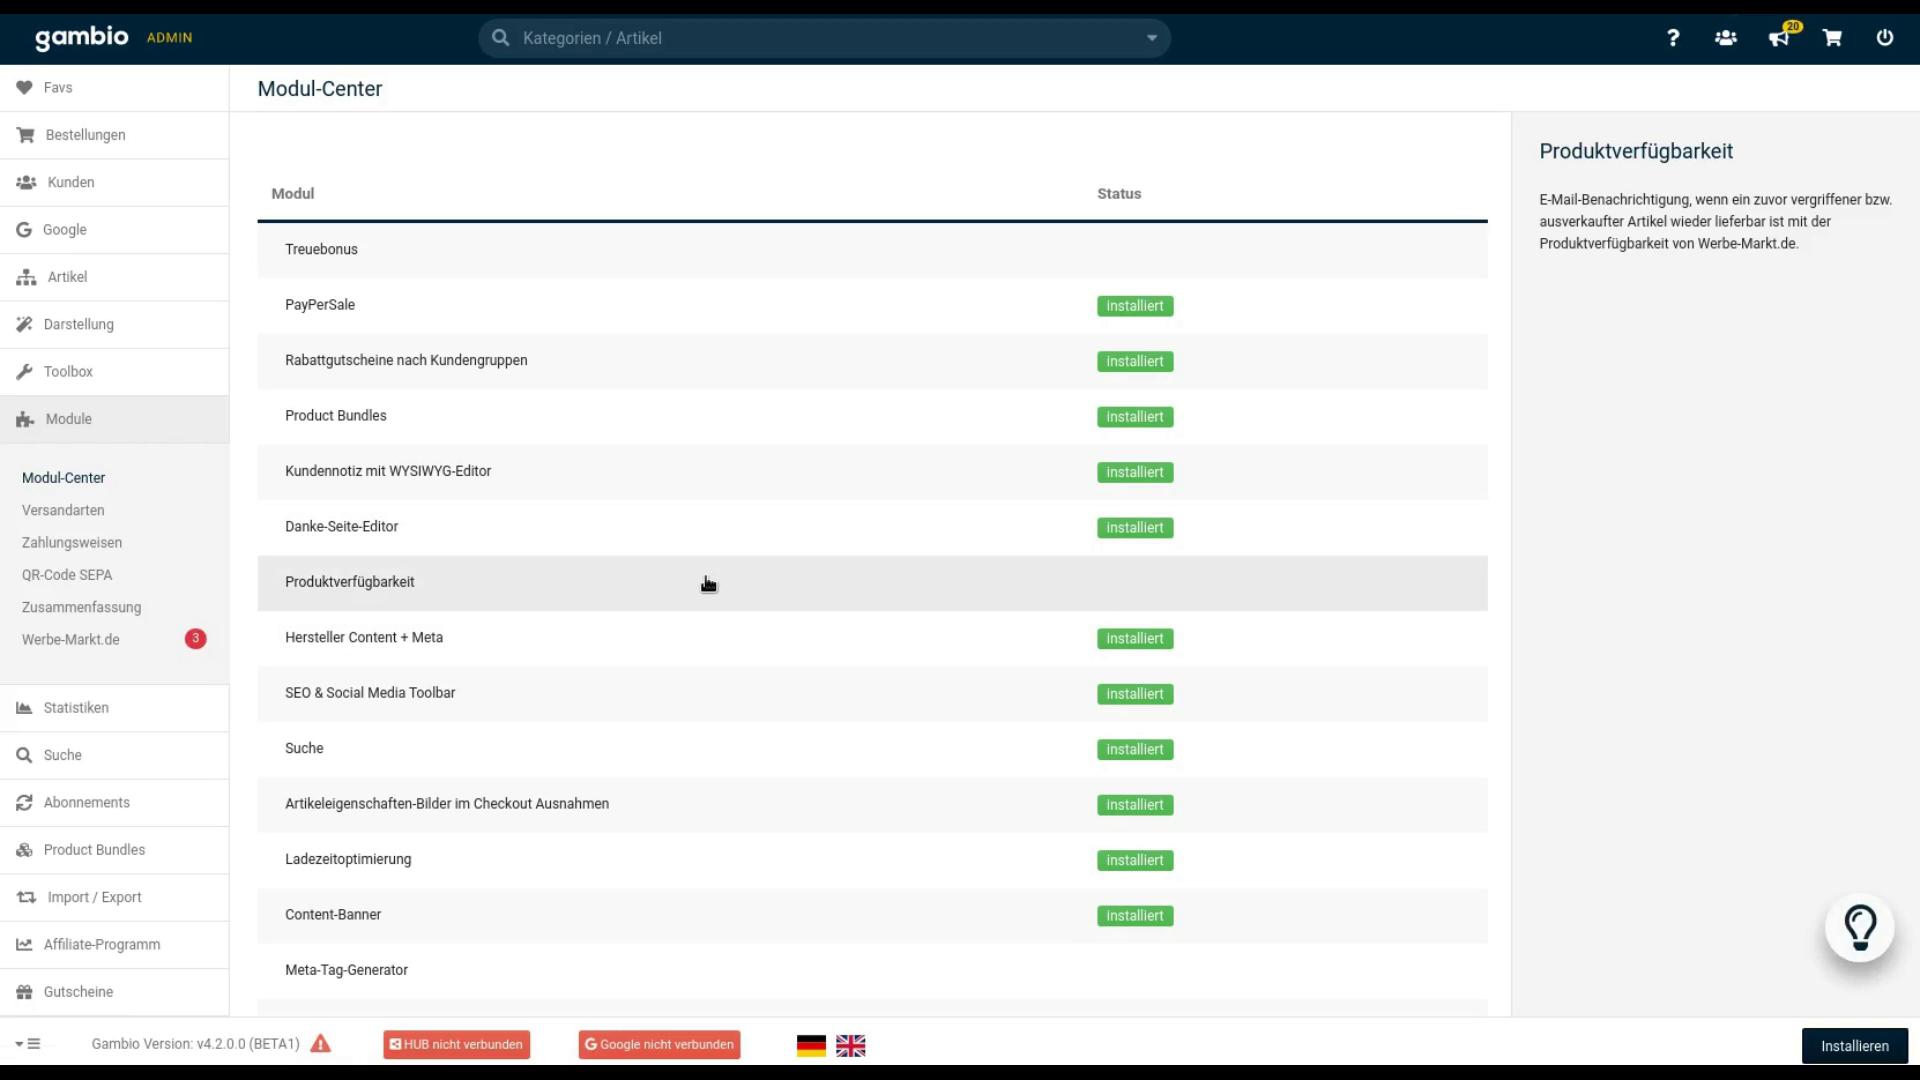 Screenshot Gambio Modul-Center mit Eintrag Produktverfügbarkeit und Installieren-Button